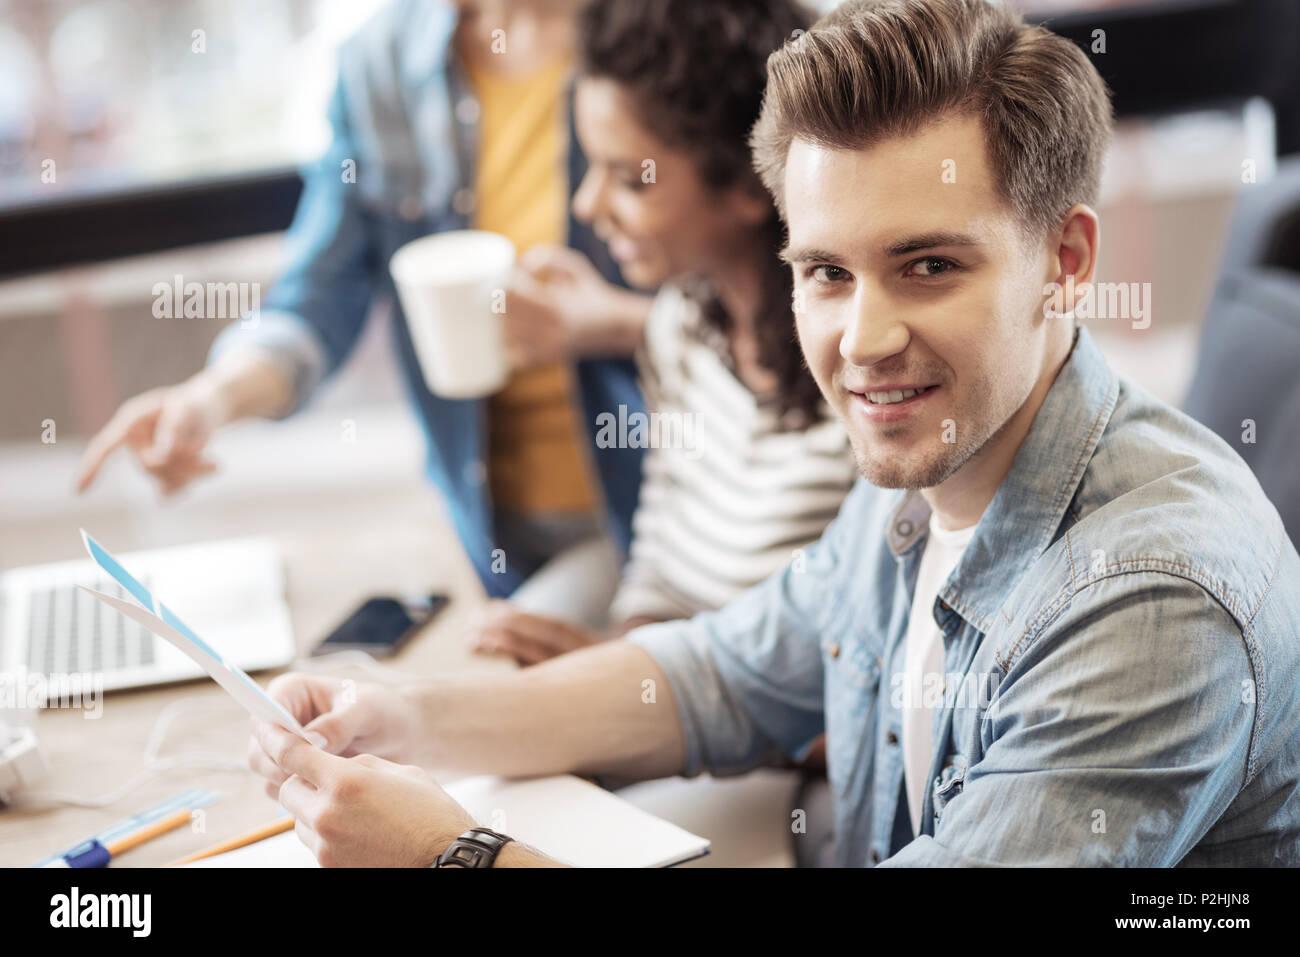 Fröhlicher junger Mann zu Ihnen schauen Stockbild